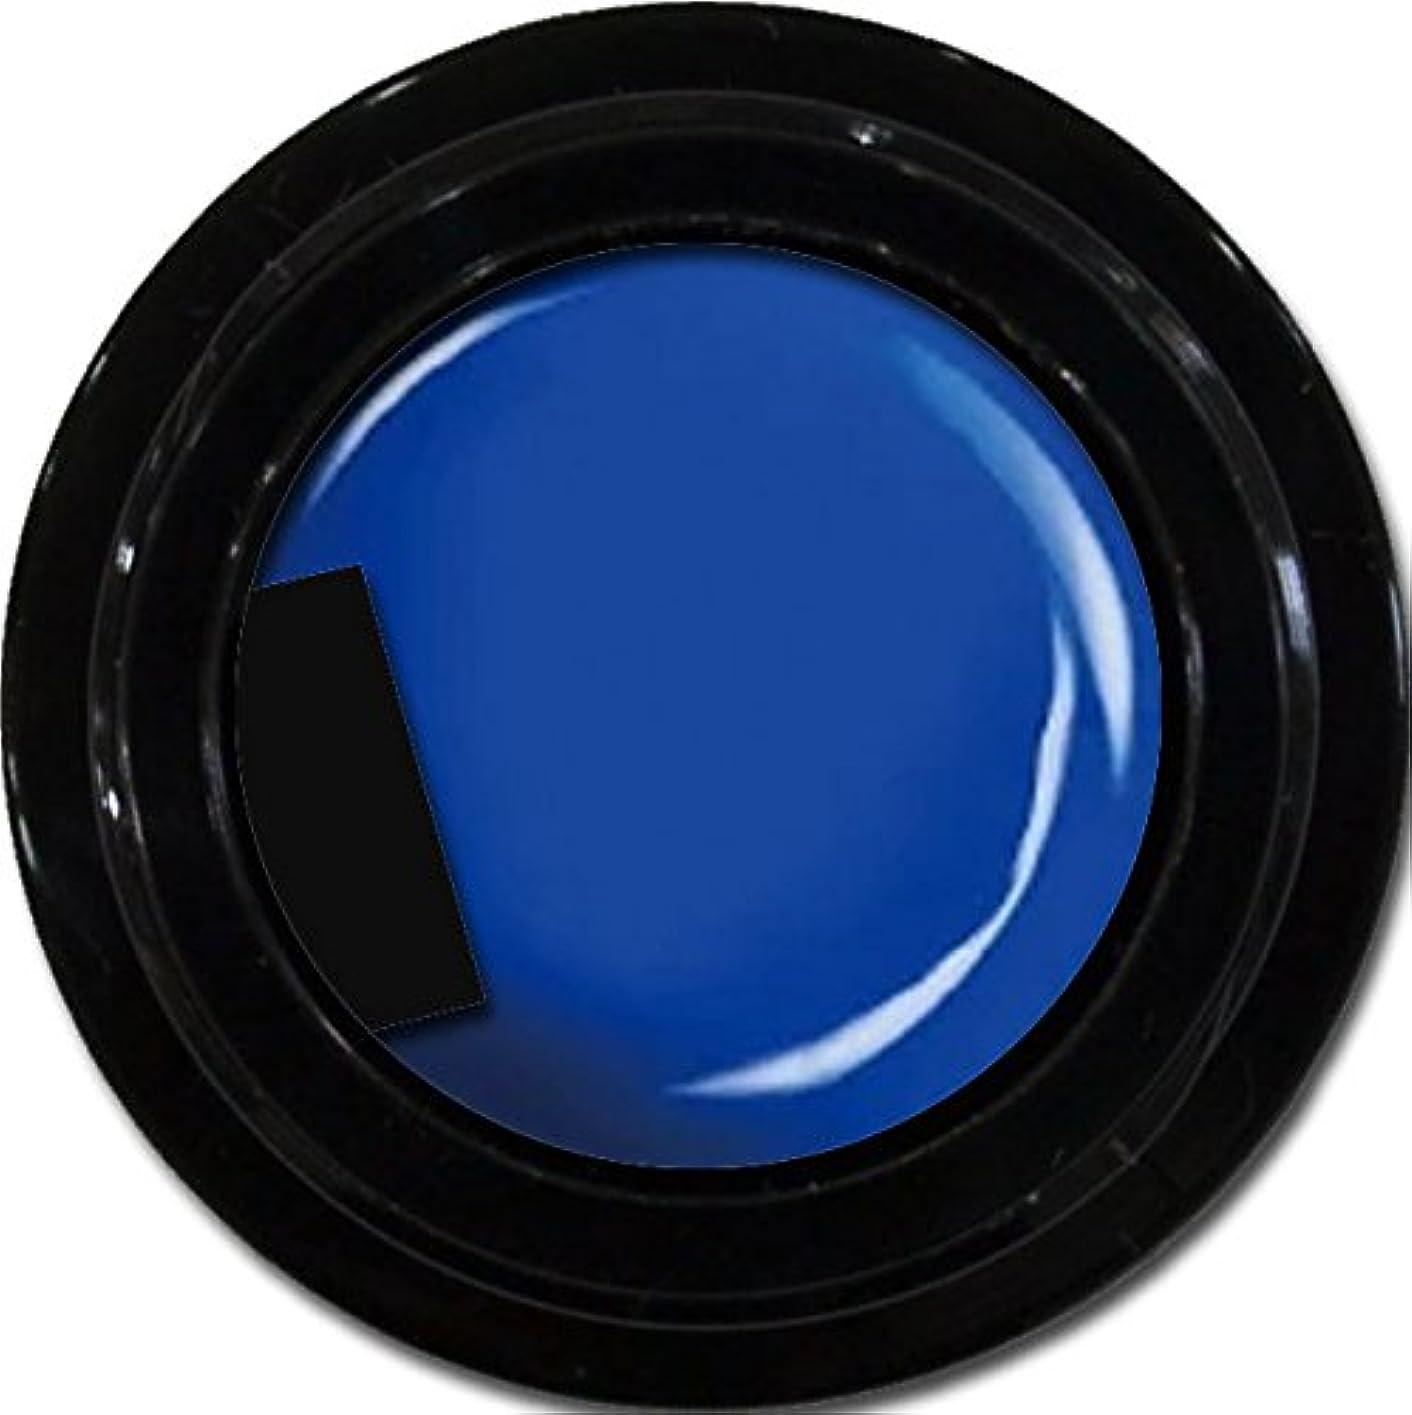 継続中承認天気カラージェル enchant color gel M708 UltraMarine 3g/ マットカラージェル M708 ウルトラマリン 3グラム